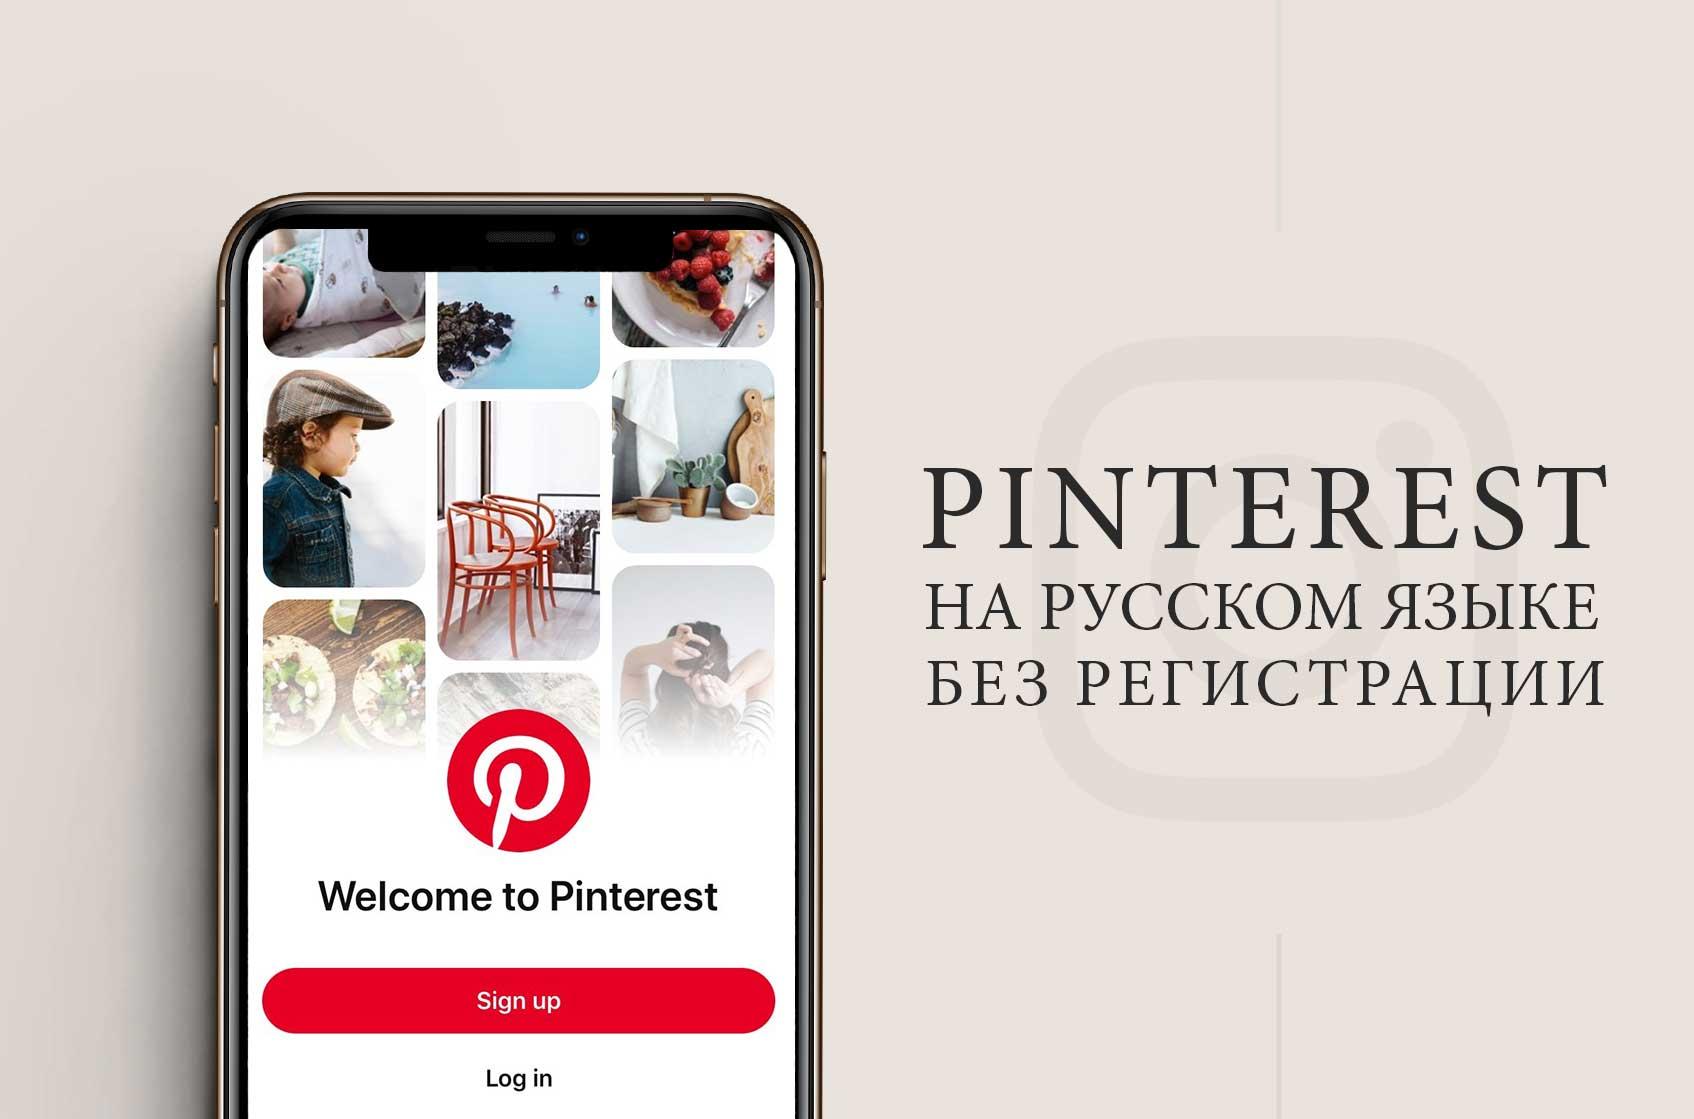 как просматривать пинтерест на русском без регистрации